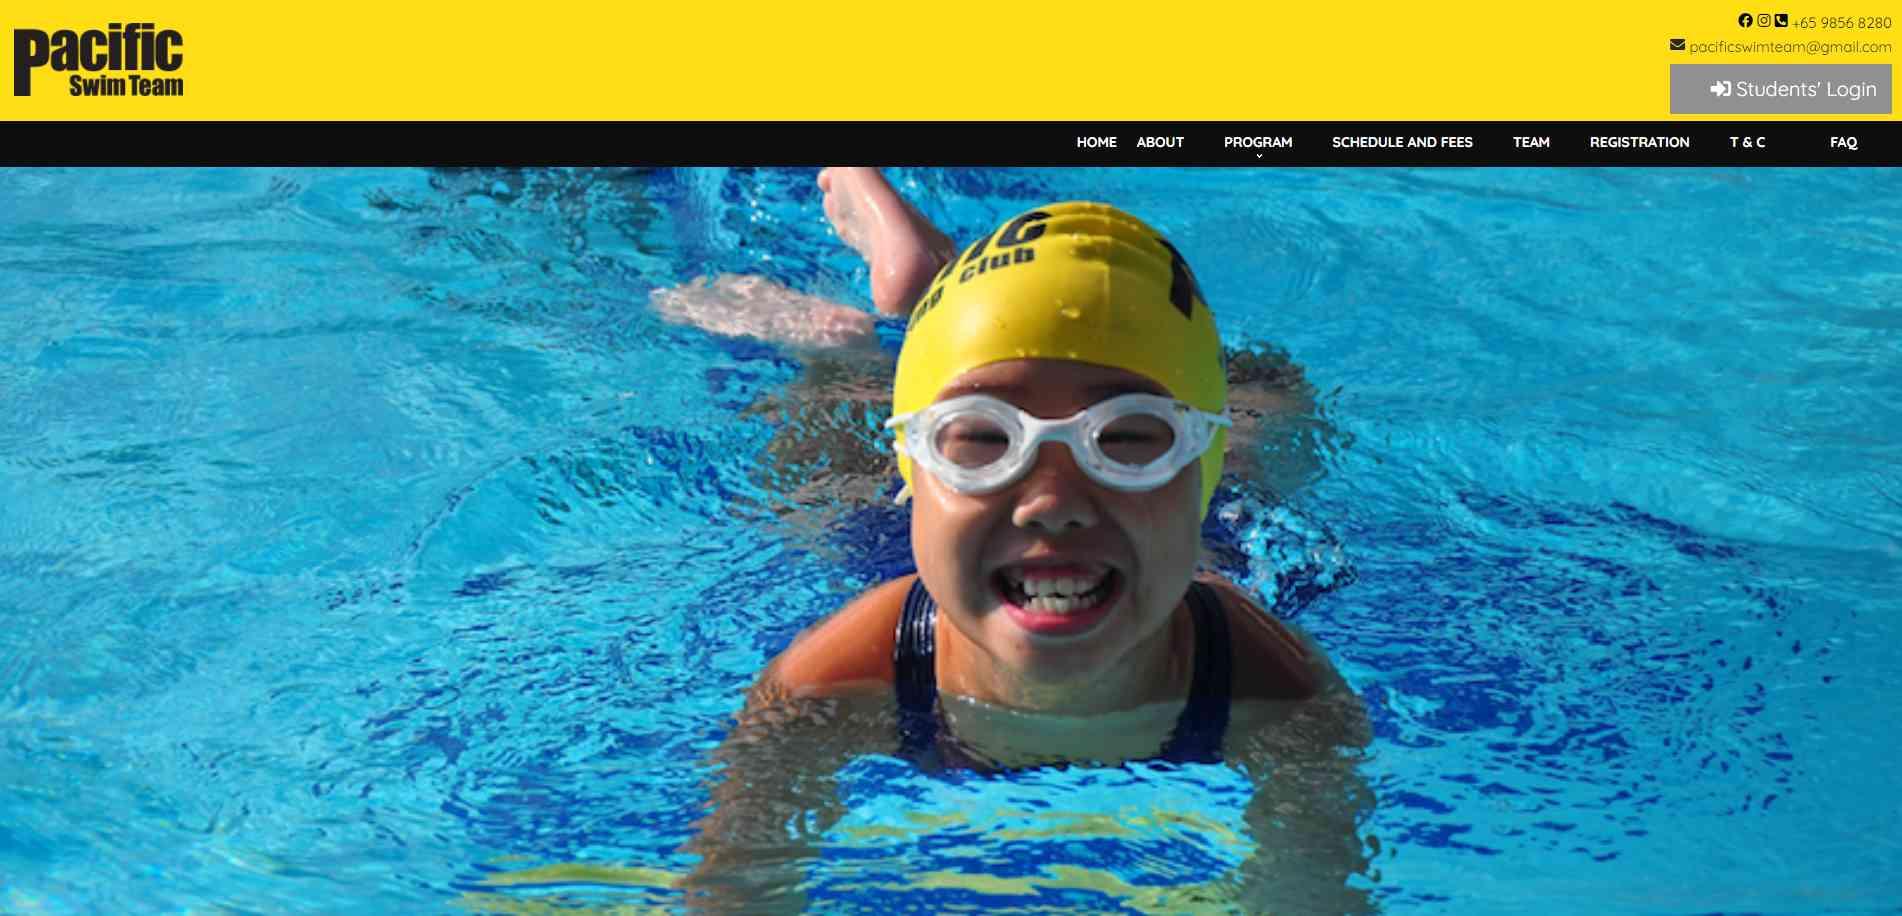 Pacific Swim Team Top Swimming Schools in Singapore